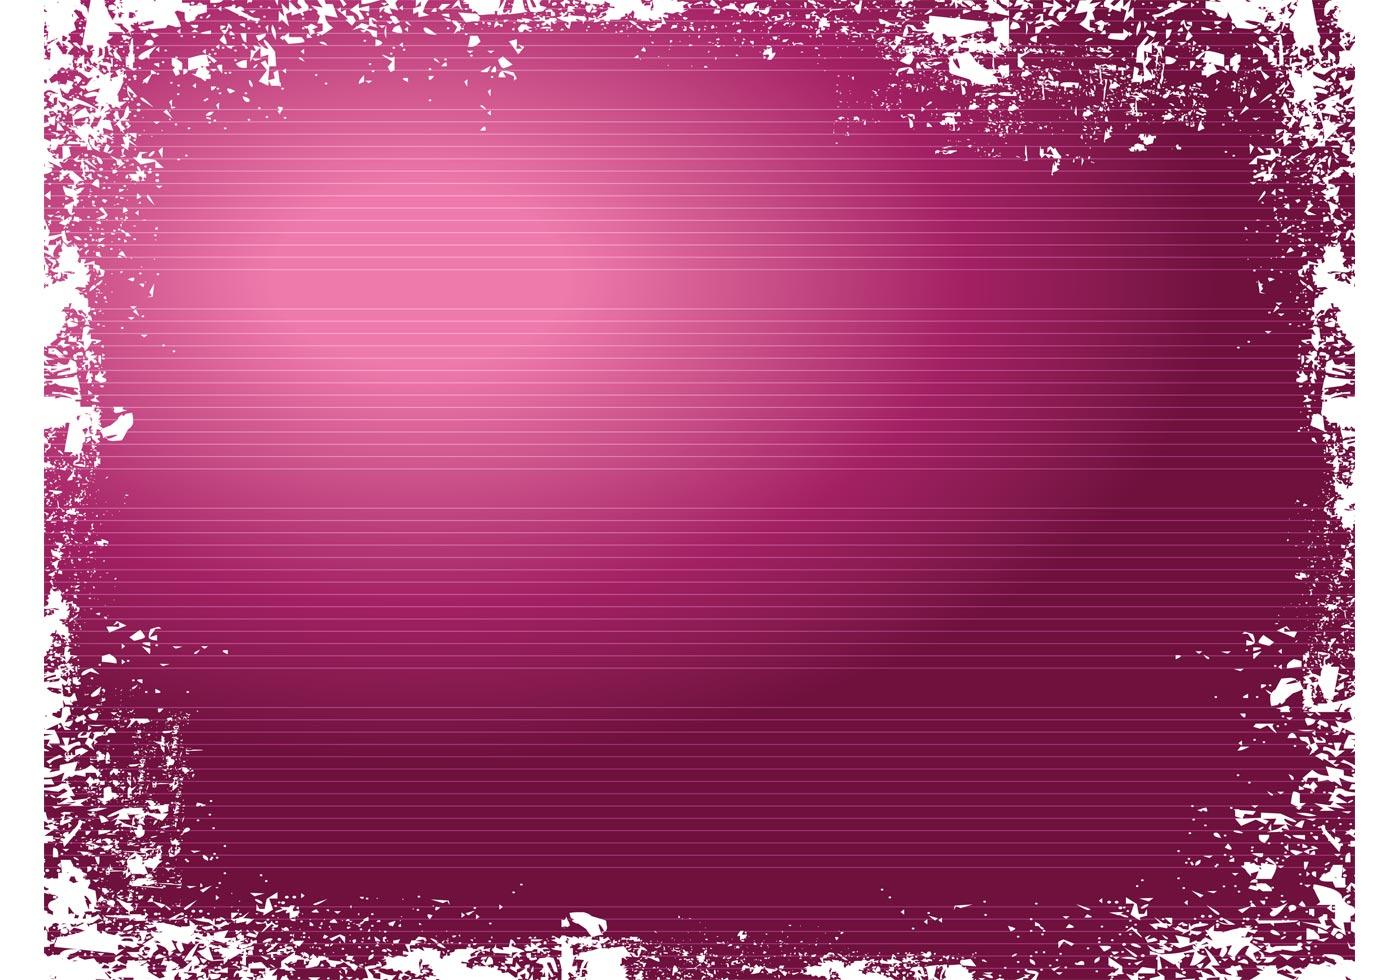 Texture Gradient Background Download Free Vector Art